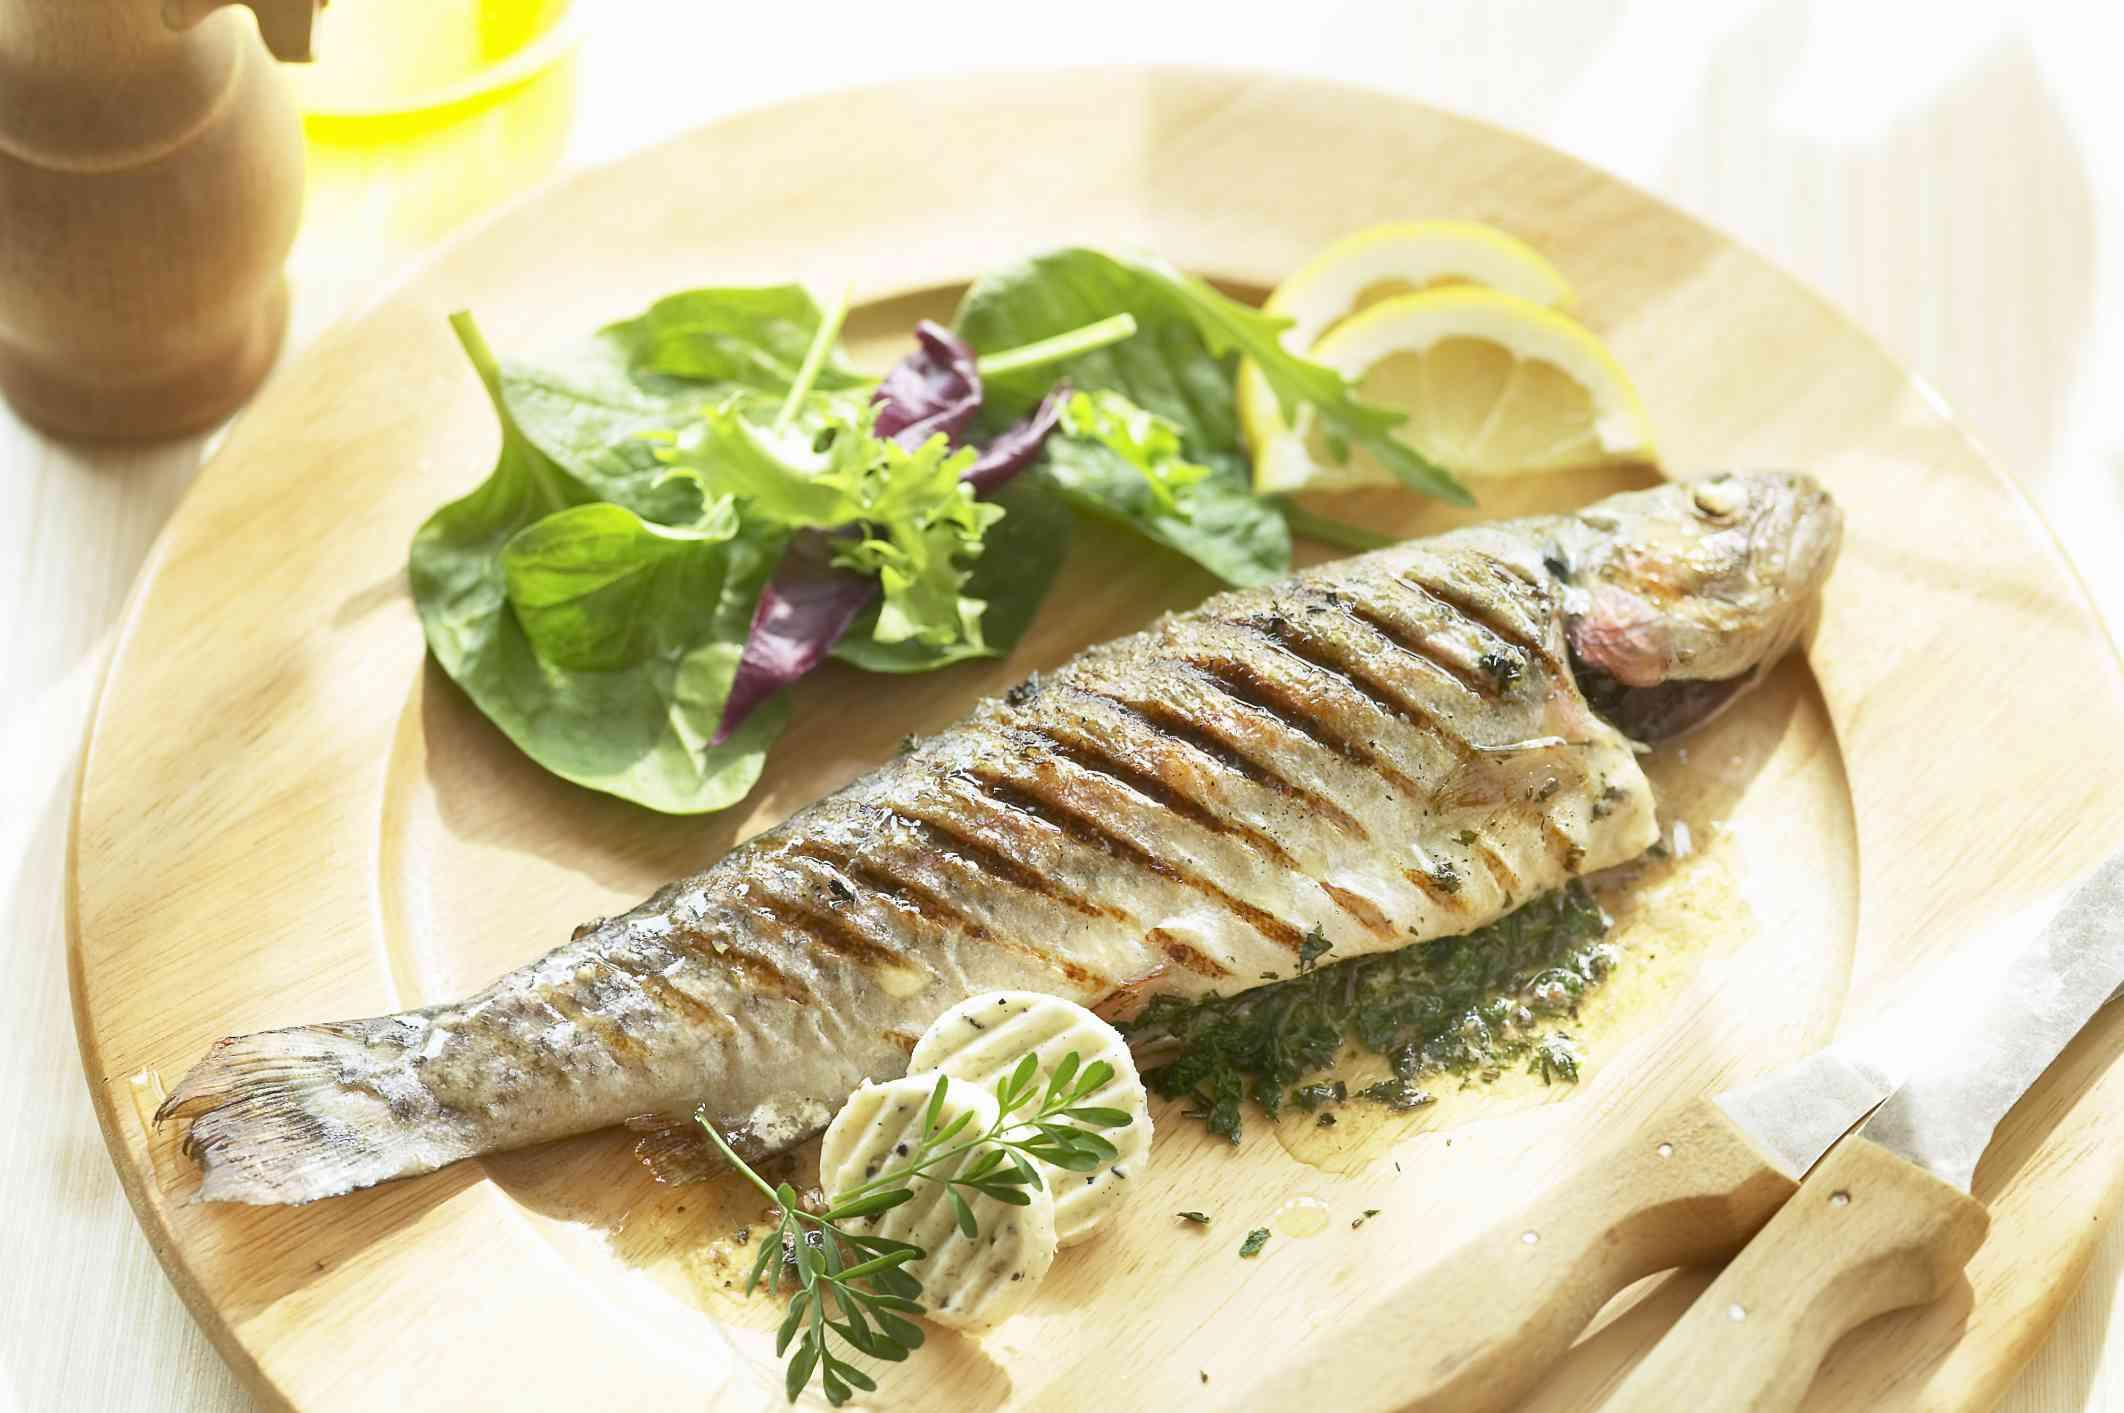 vitamin whole foods fish tulang jika ikan sengaja tak anda yang apa sources verywellfit grill lakukan menelan terjadi trout philippe